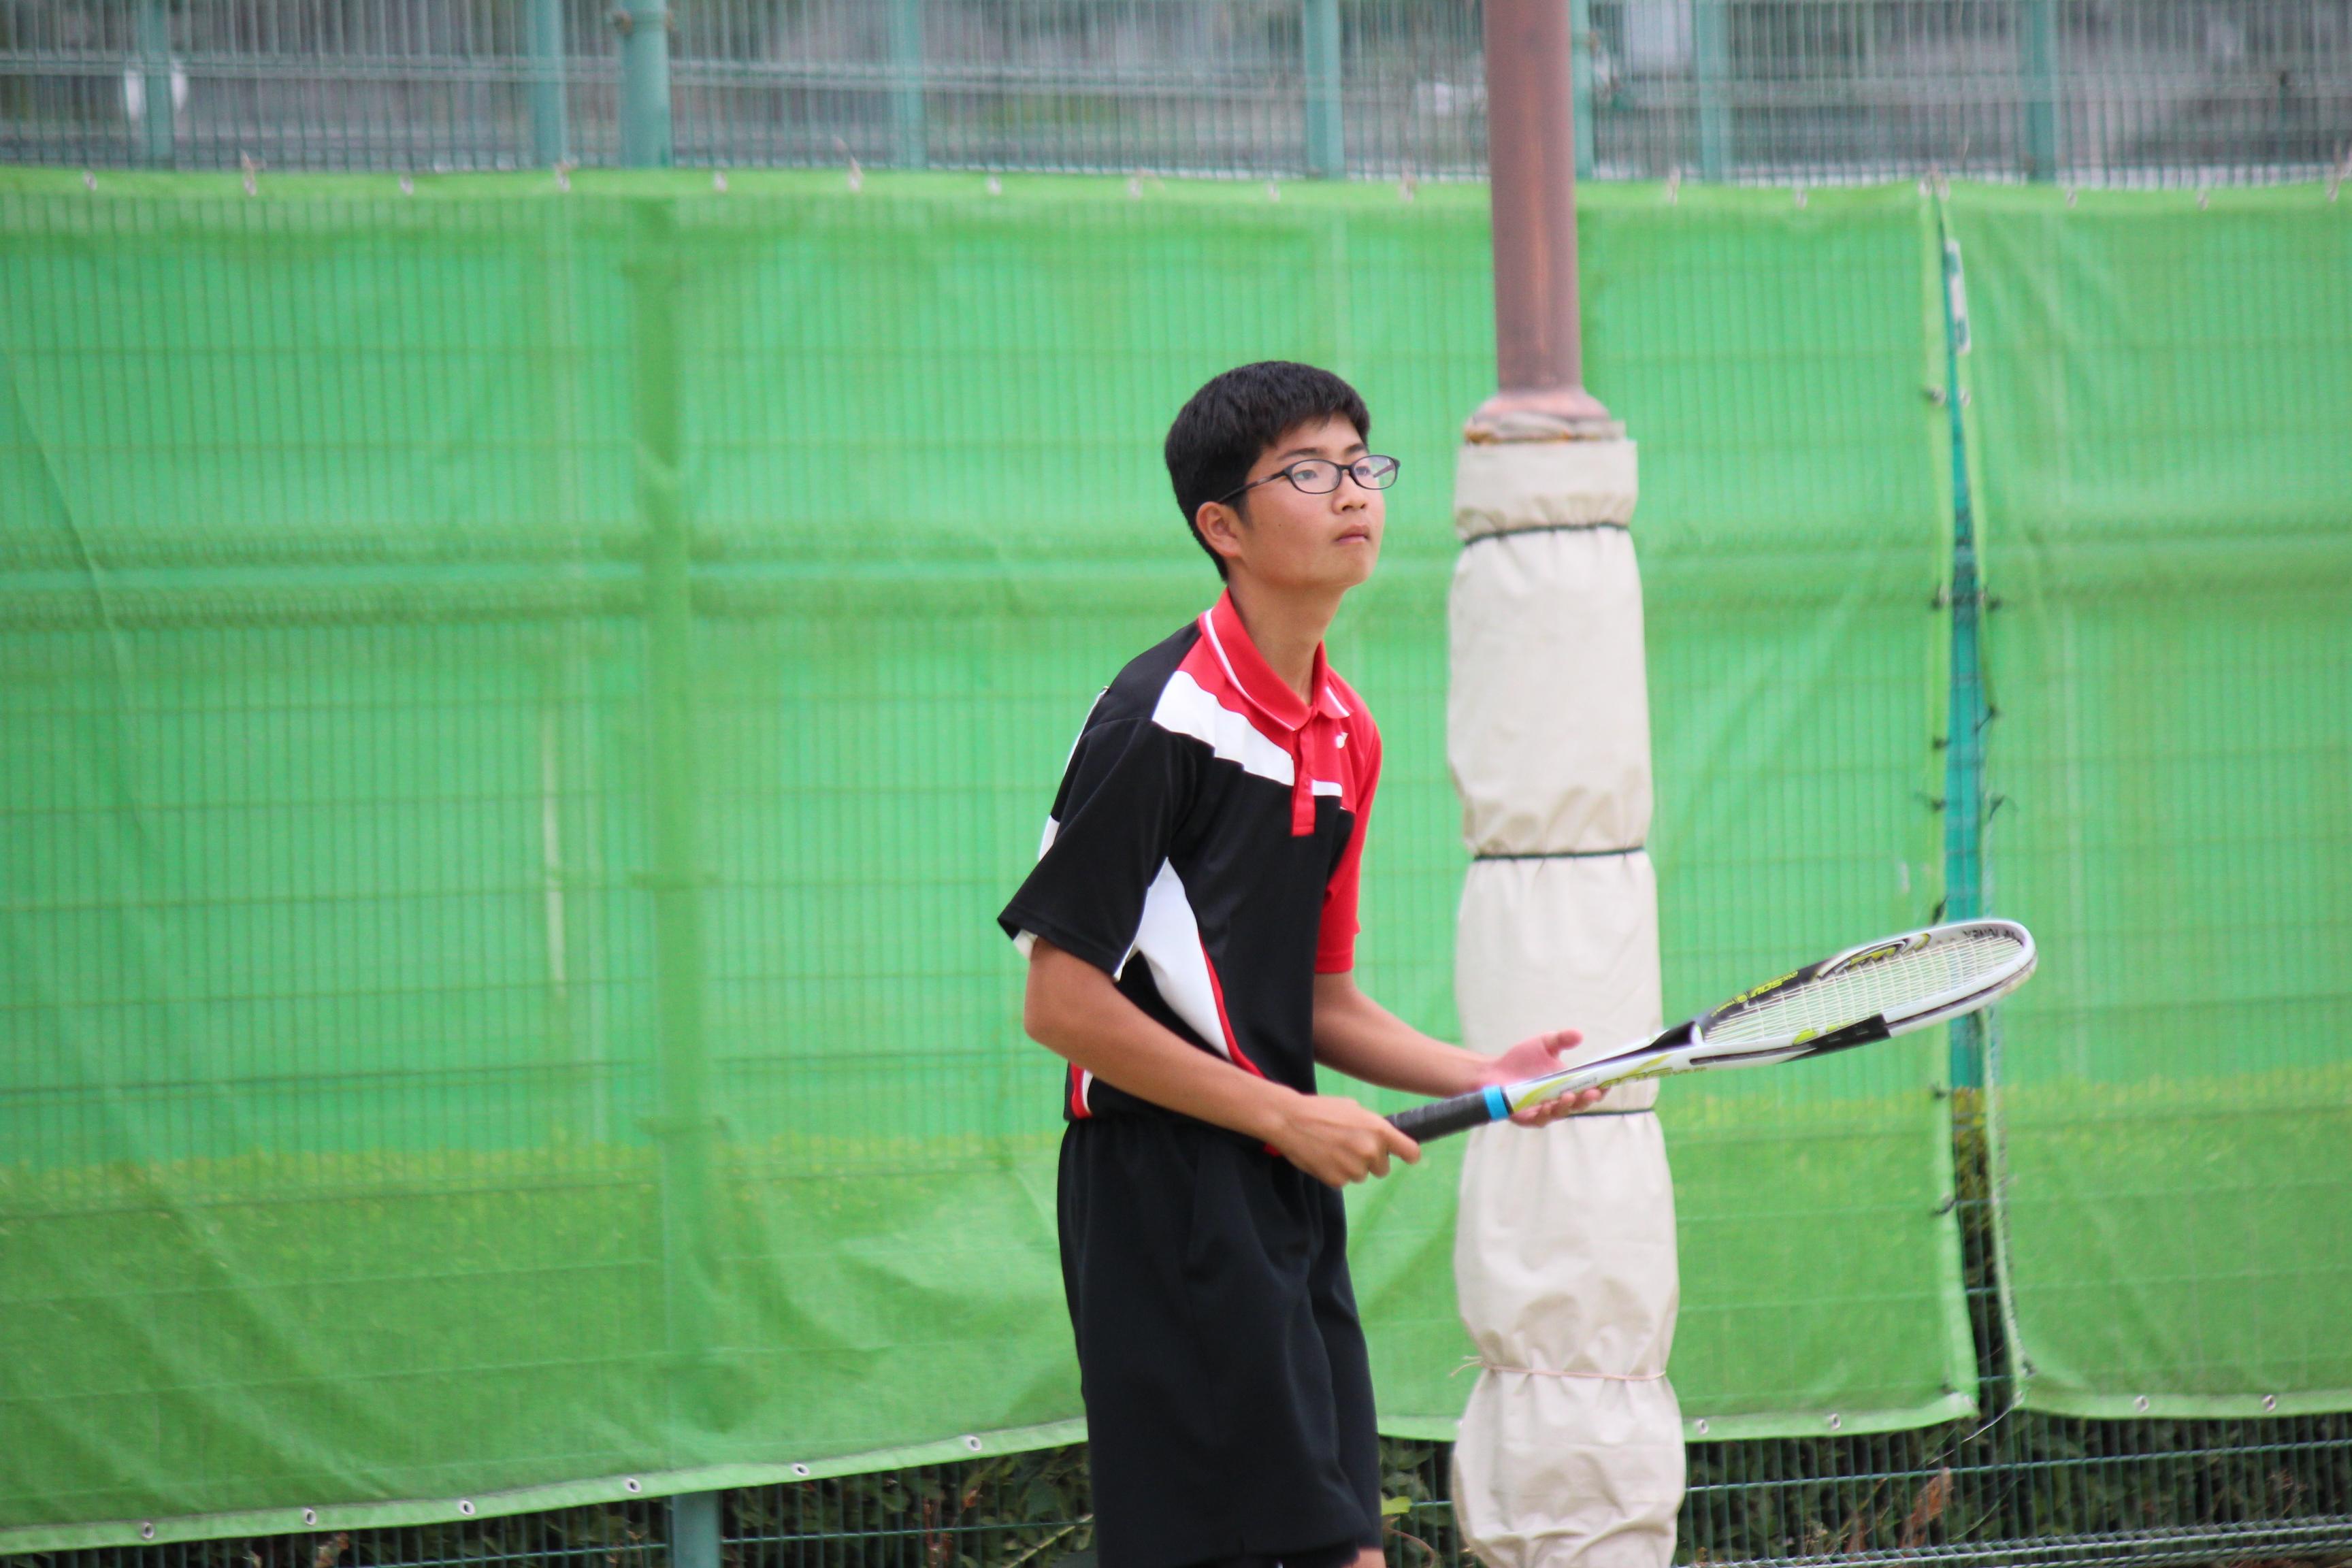 ソフトテニス (6)